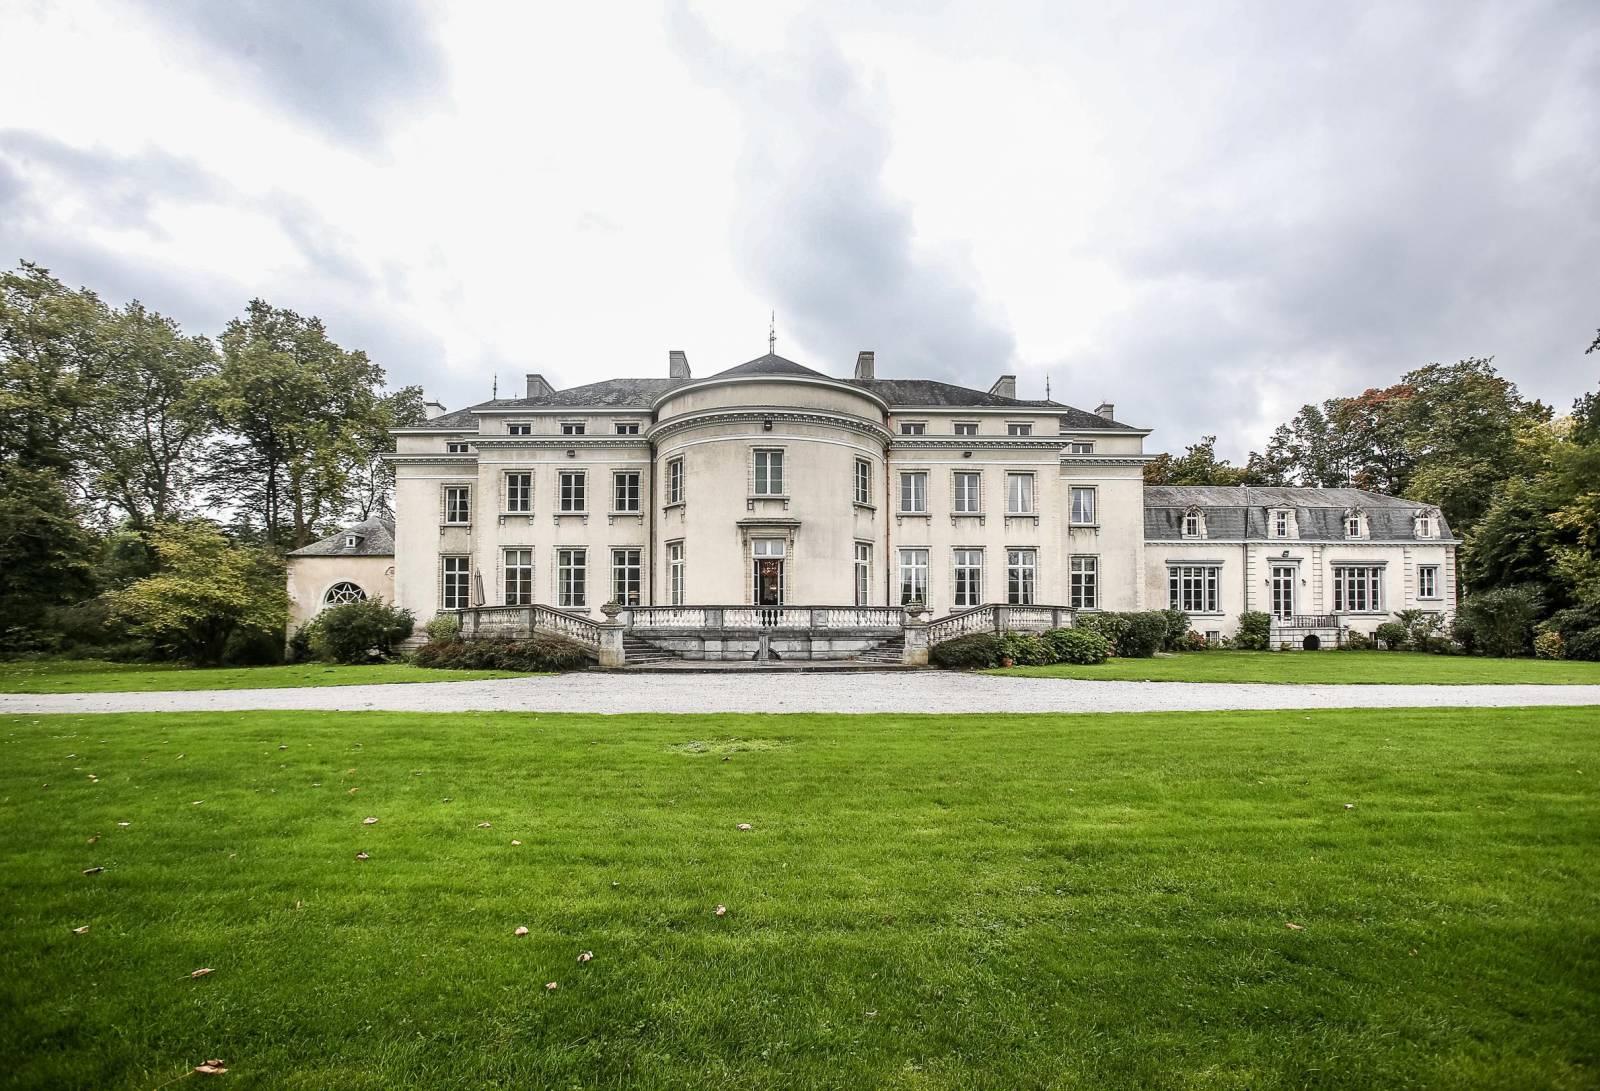 Trouwkasteel - Feestzaal - House of Weddings - 3